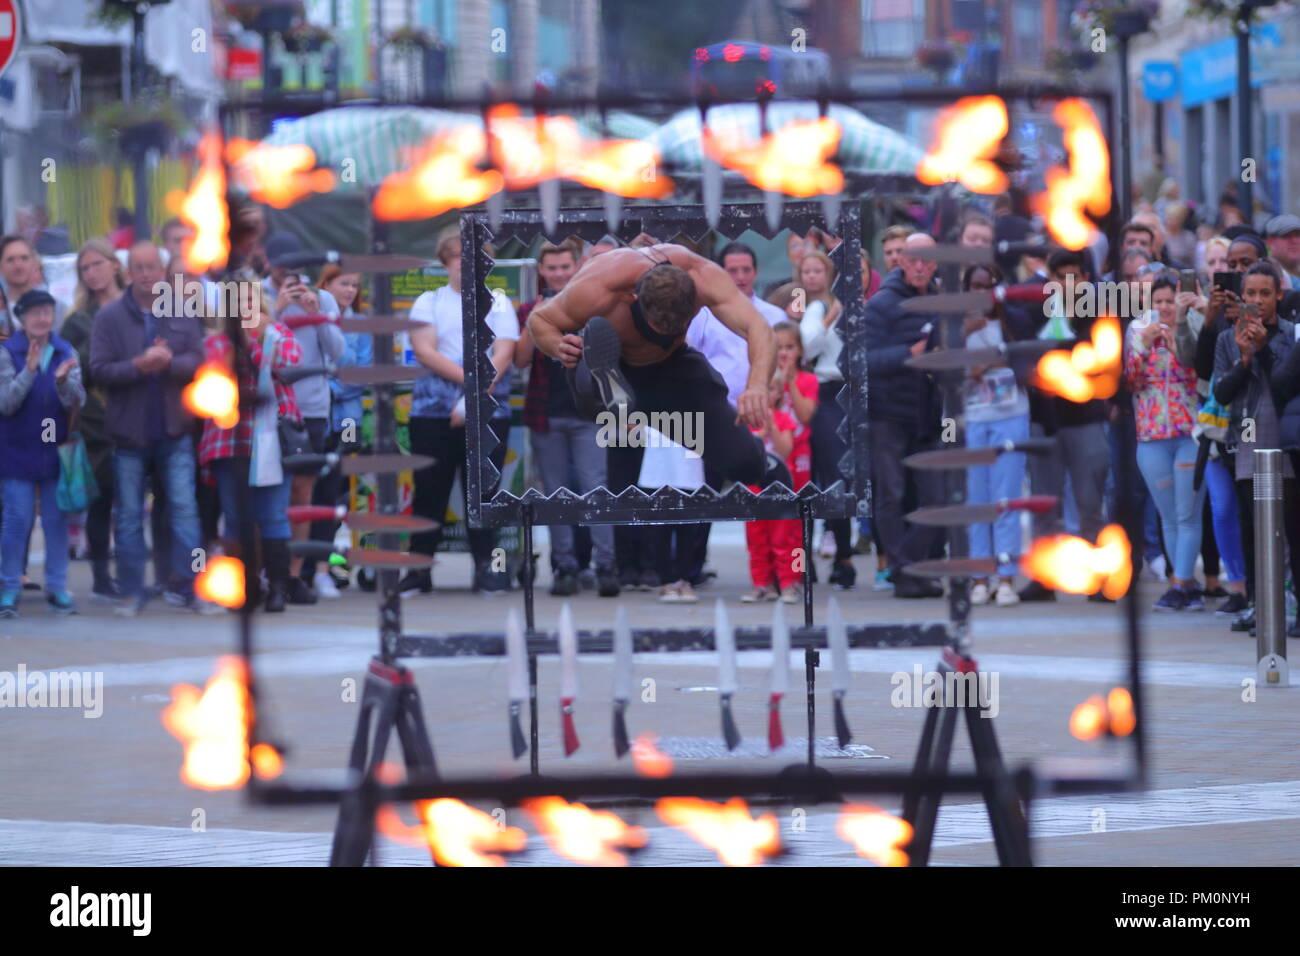 Un diavolo osano getta la sua auto attraverso i coltelli affilati & fire mentre gli occhi bendati come parte del suo teatro di strada agiscono su BRIGGATE, Leeds, West Yorkshire. Immagini Stock